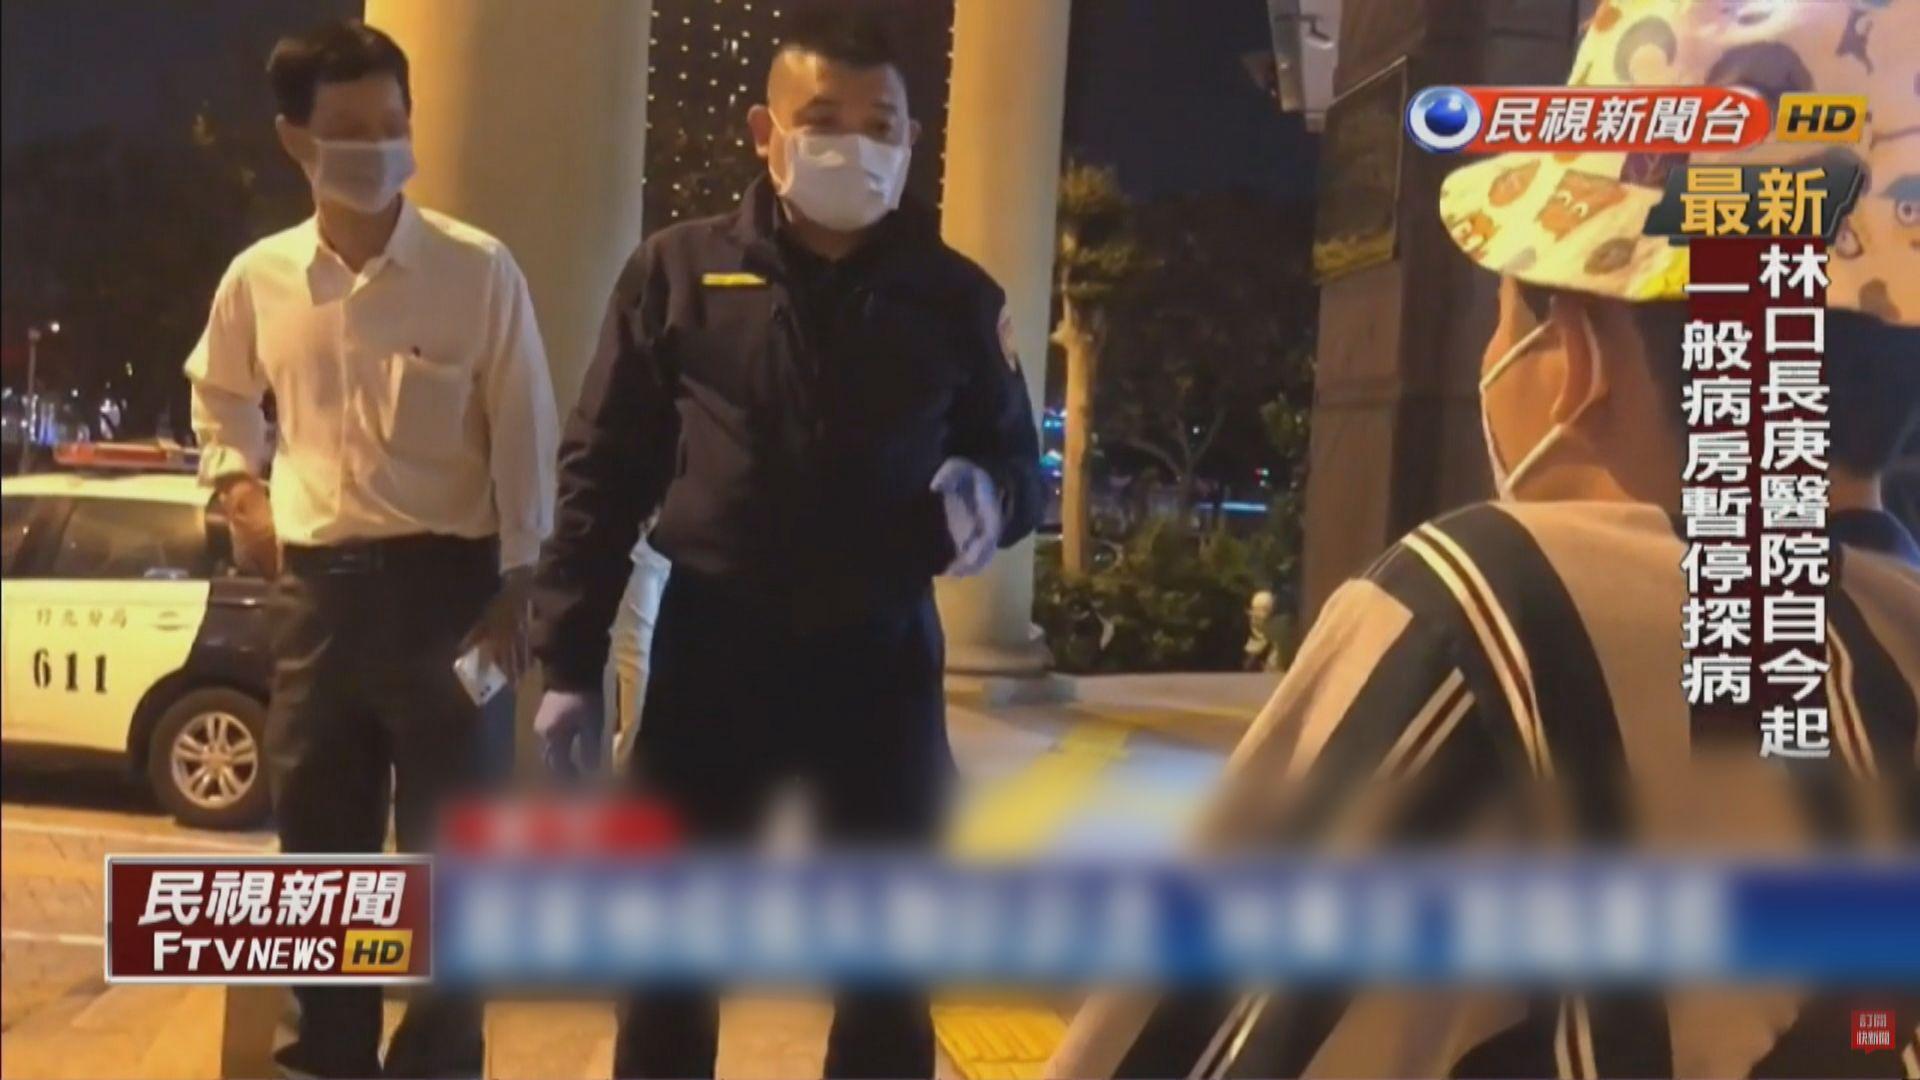 台灣男子居家檢疫期間失聯 罰款百萬新台幣